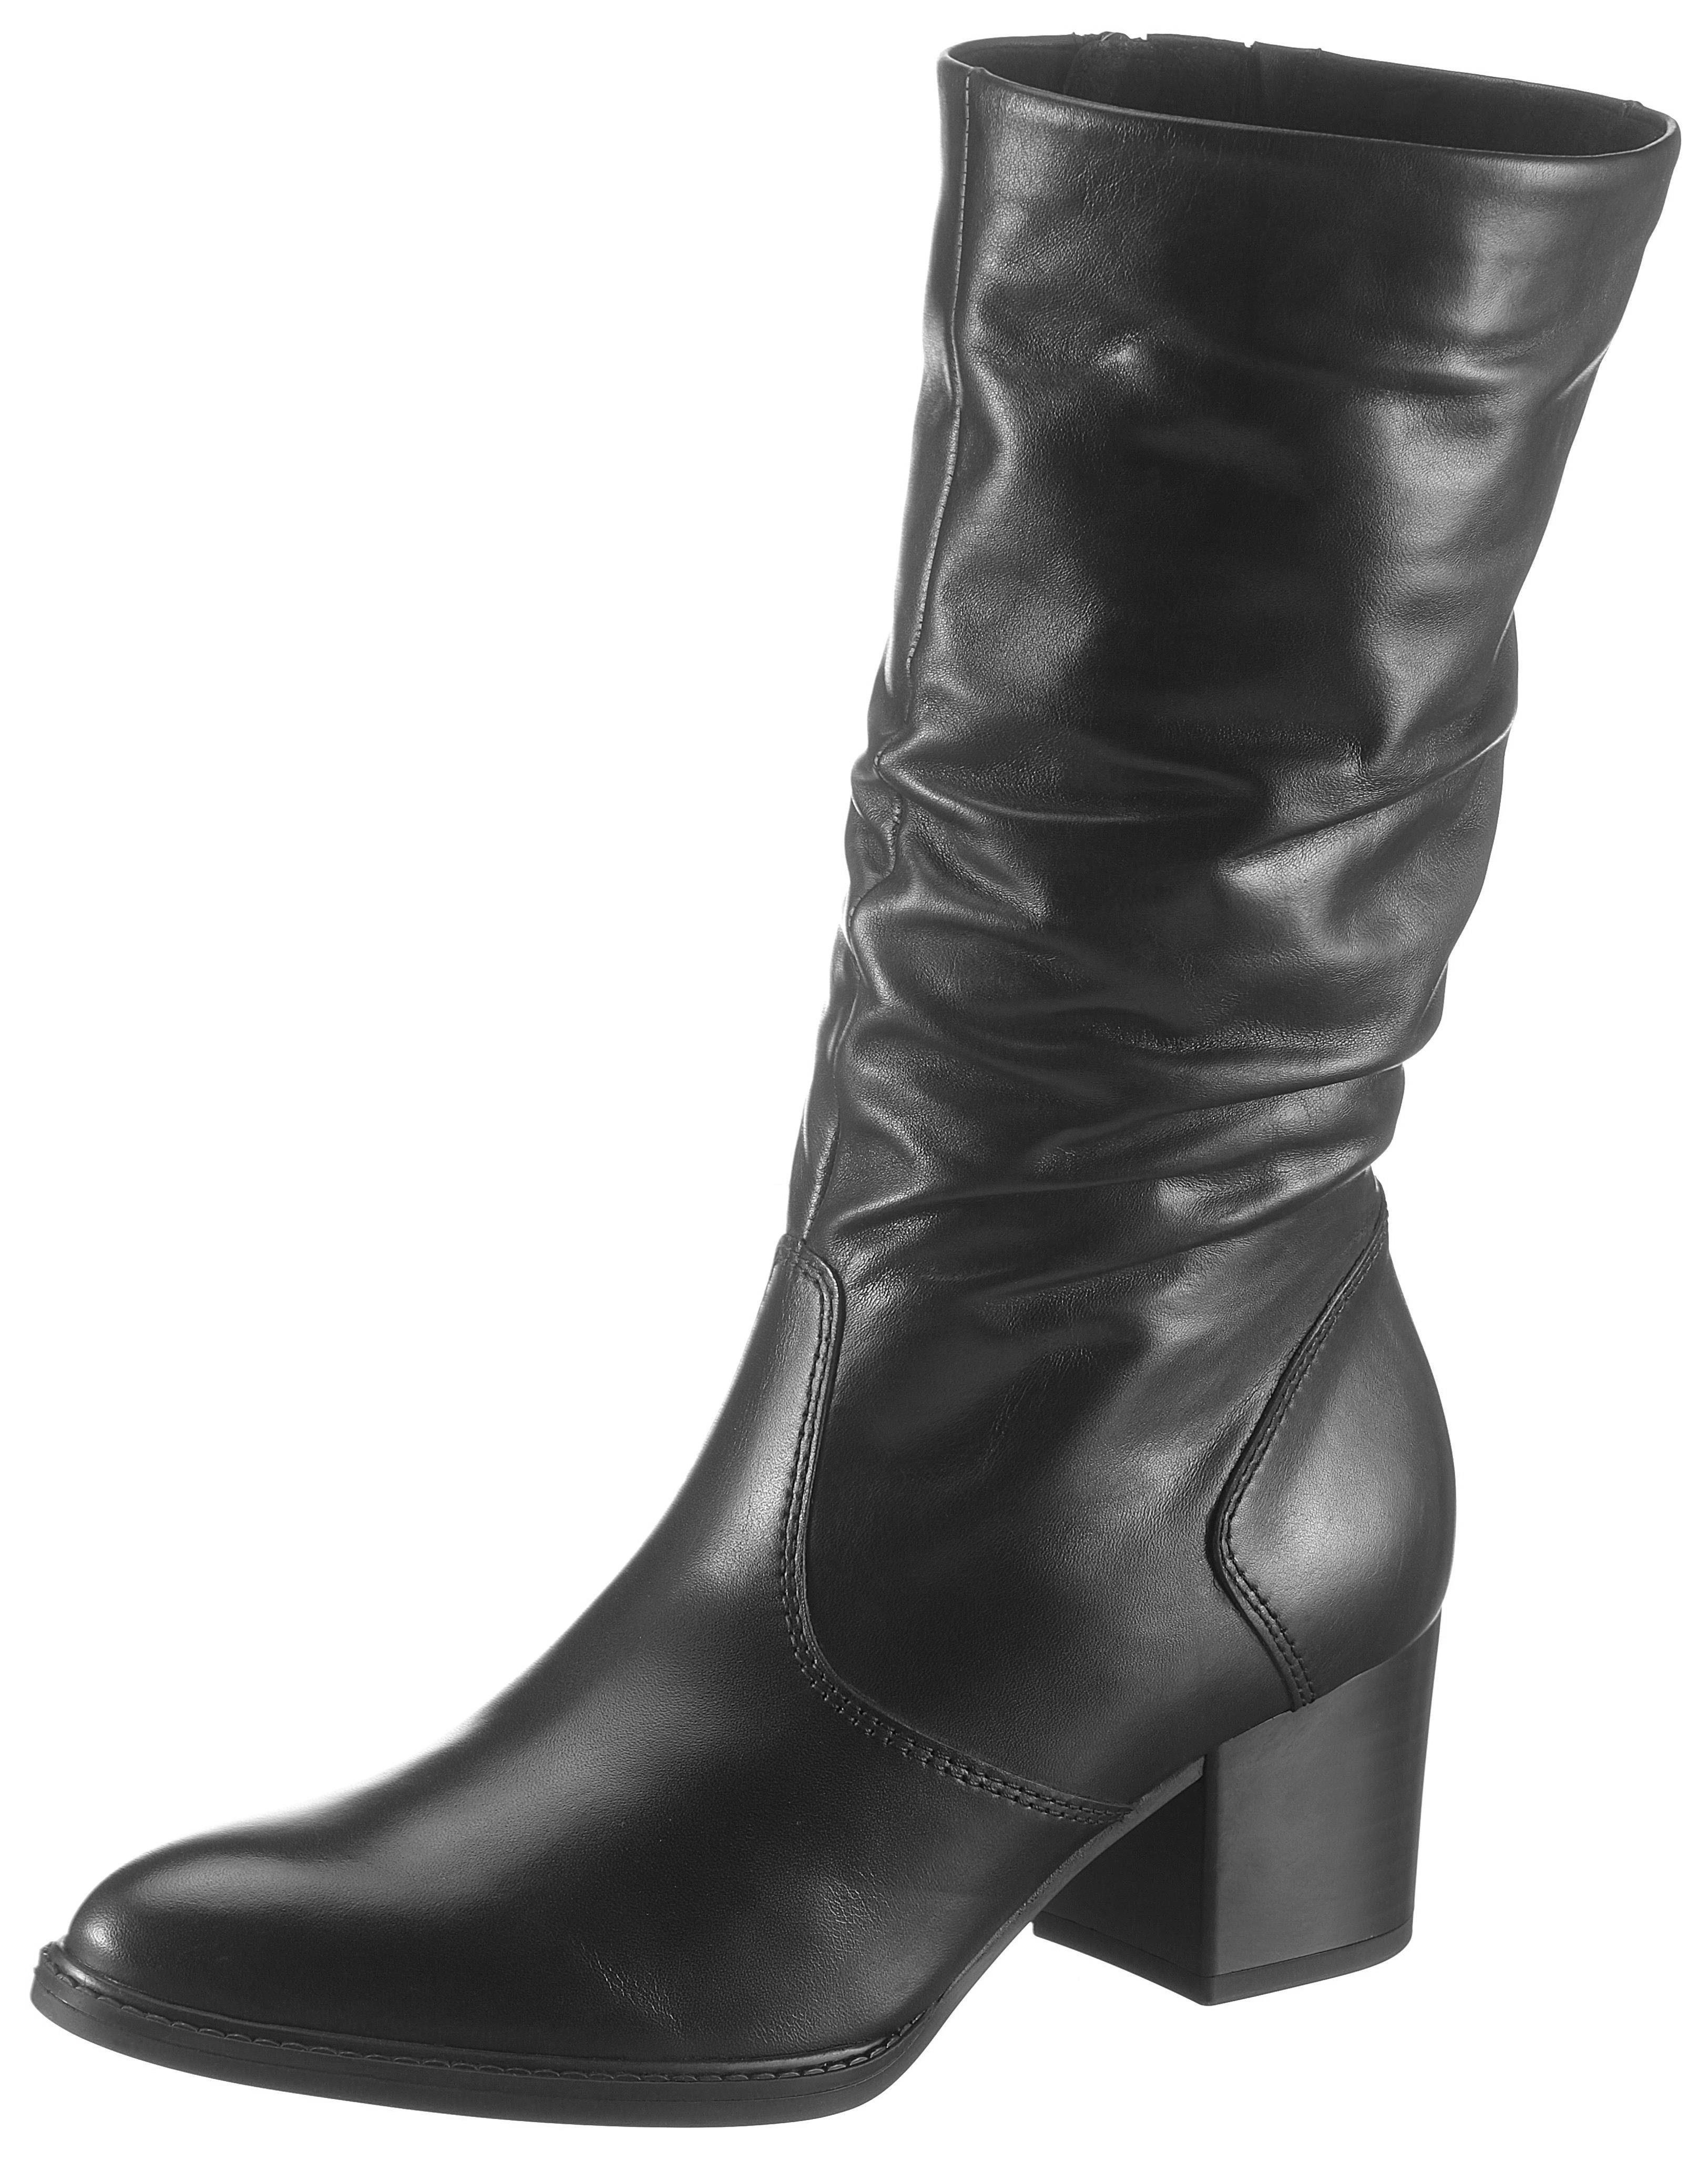 Rieker Stiefel mit Raffungen am Schaft, Kurzstiefel in elegantem Look online kaufen   OTTO